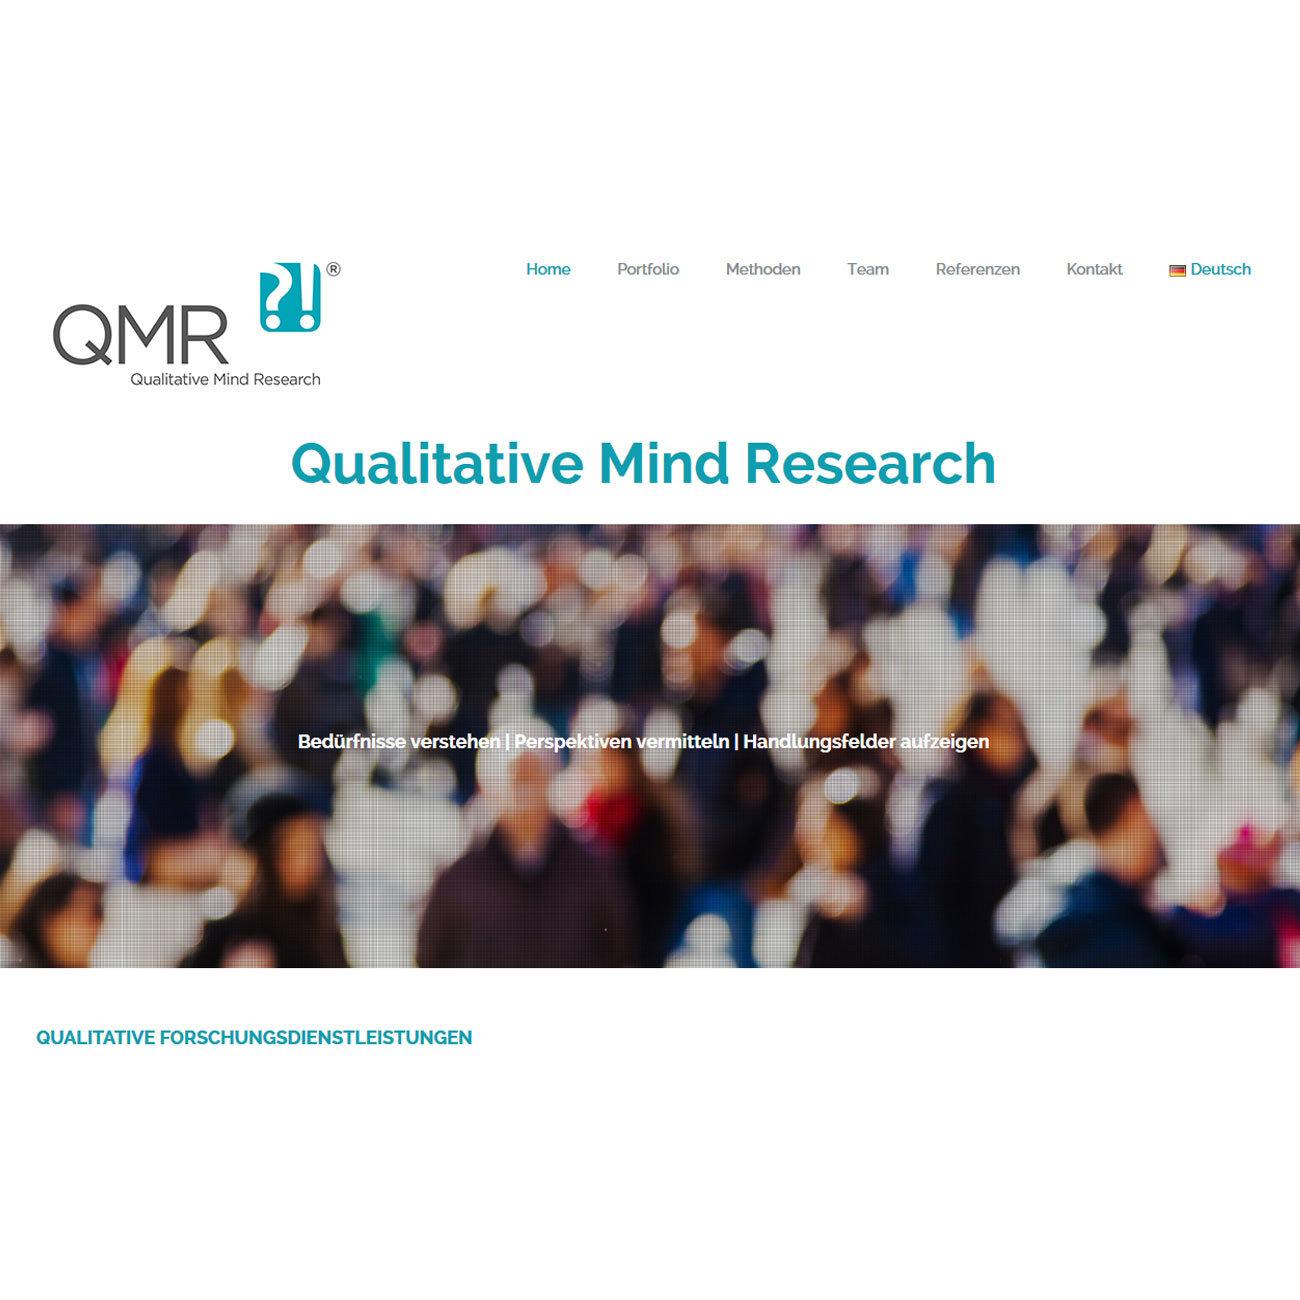 QMR Qualitative Mind Research